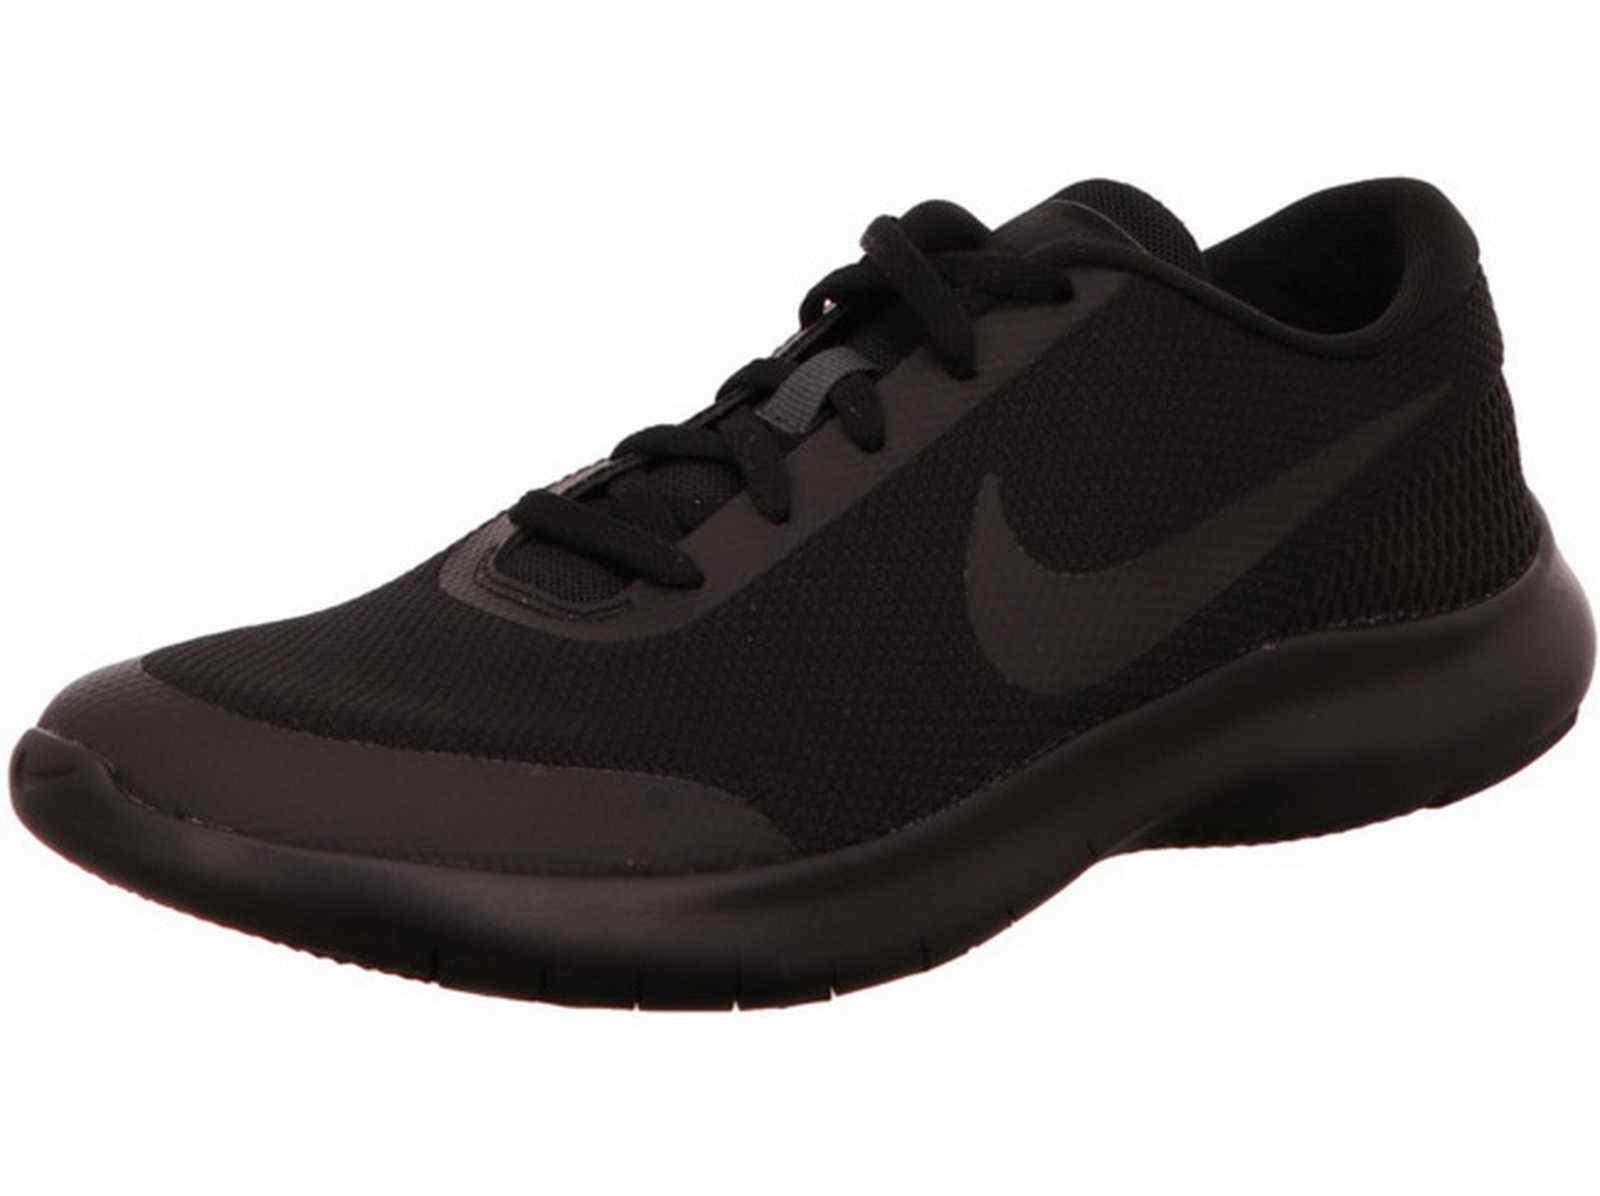 Cómodo y bien parecido Nike Zapatillas Experience 7 Men negro 908985 002 ocio zapatillas de deporte